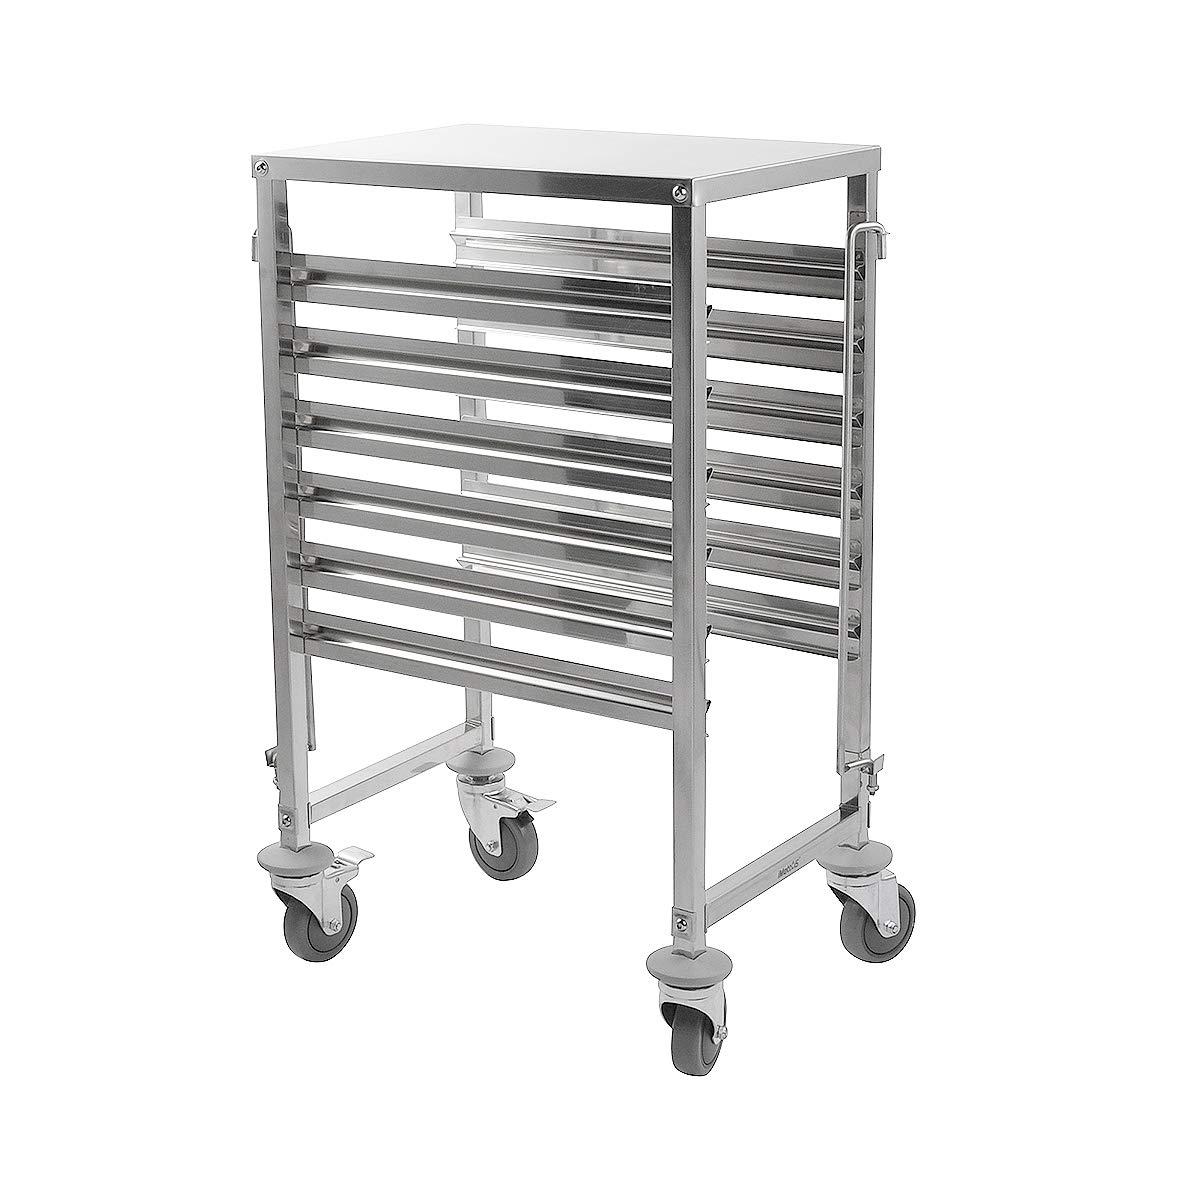 iMettos - Carrito de 6 estantes con mesa de trabajo para GN Pan 1/1: Amazon.es: Hogar